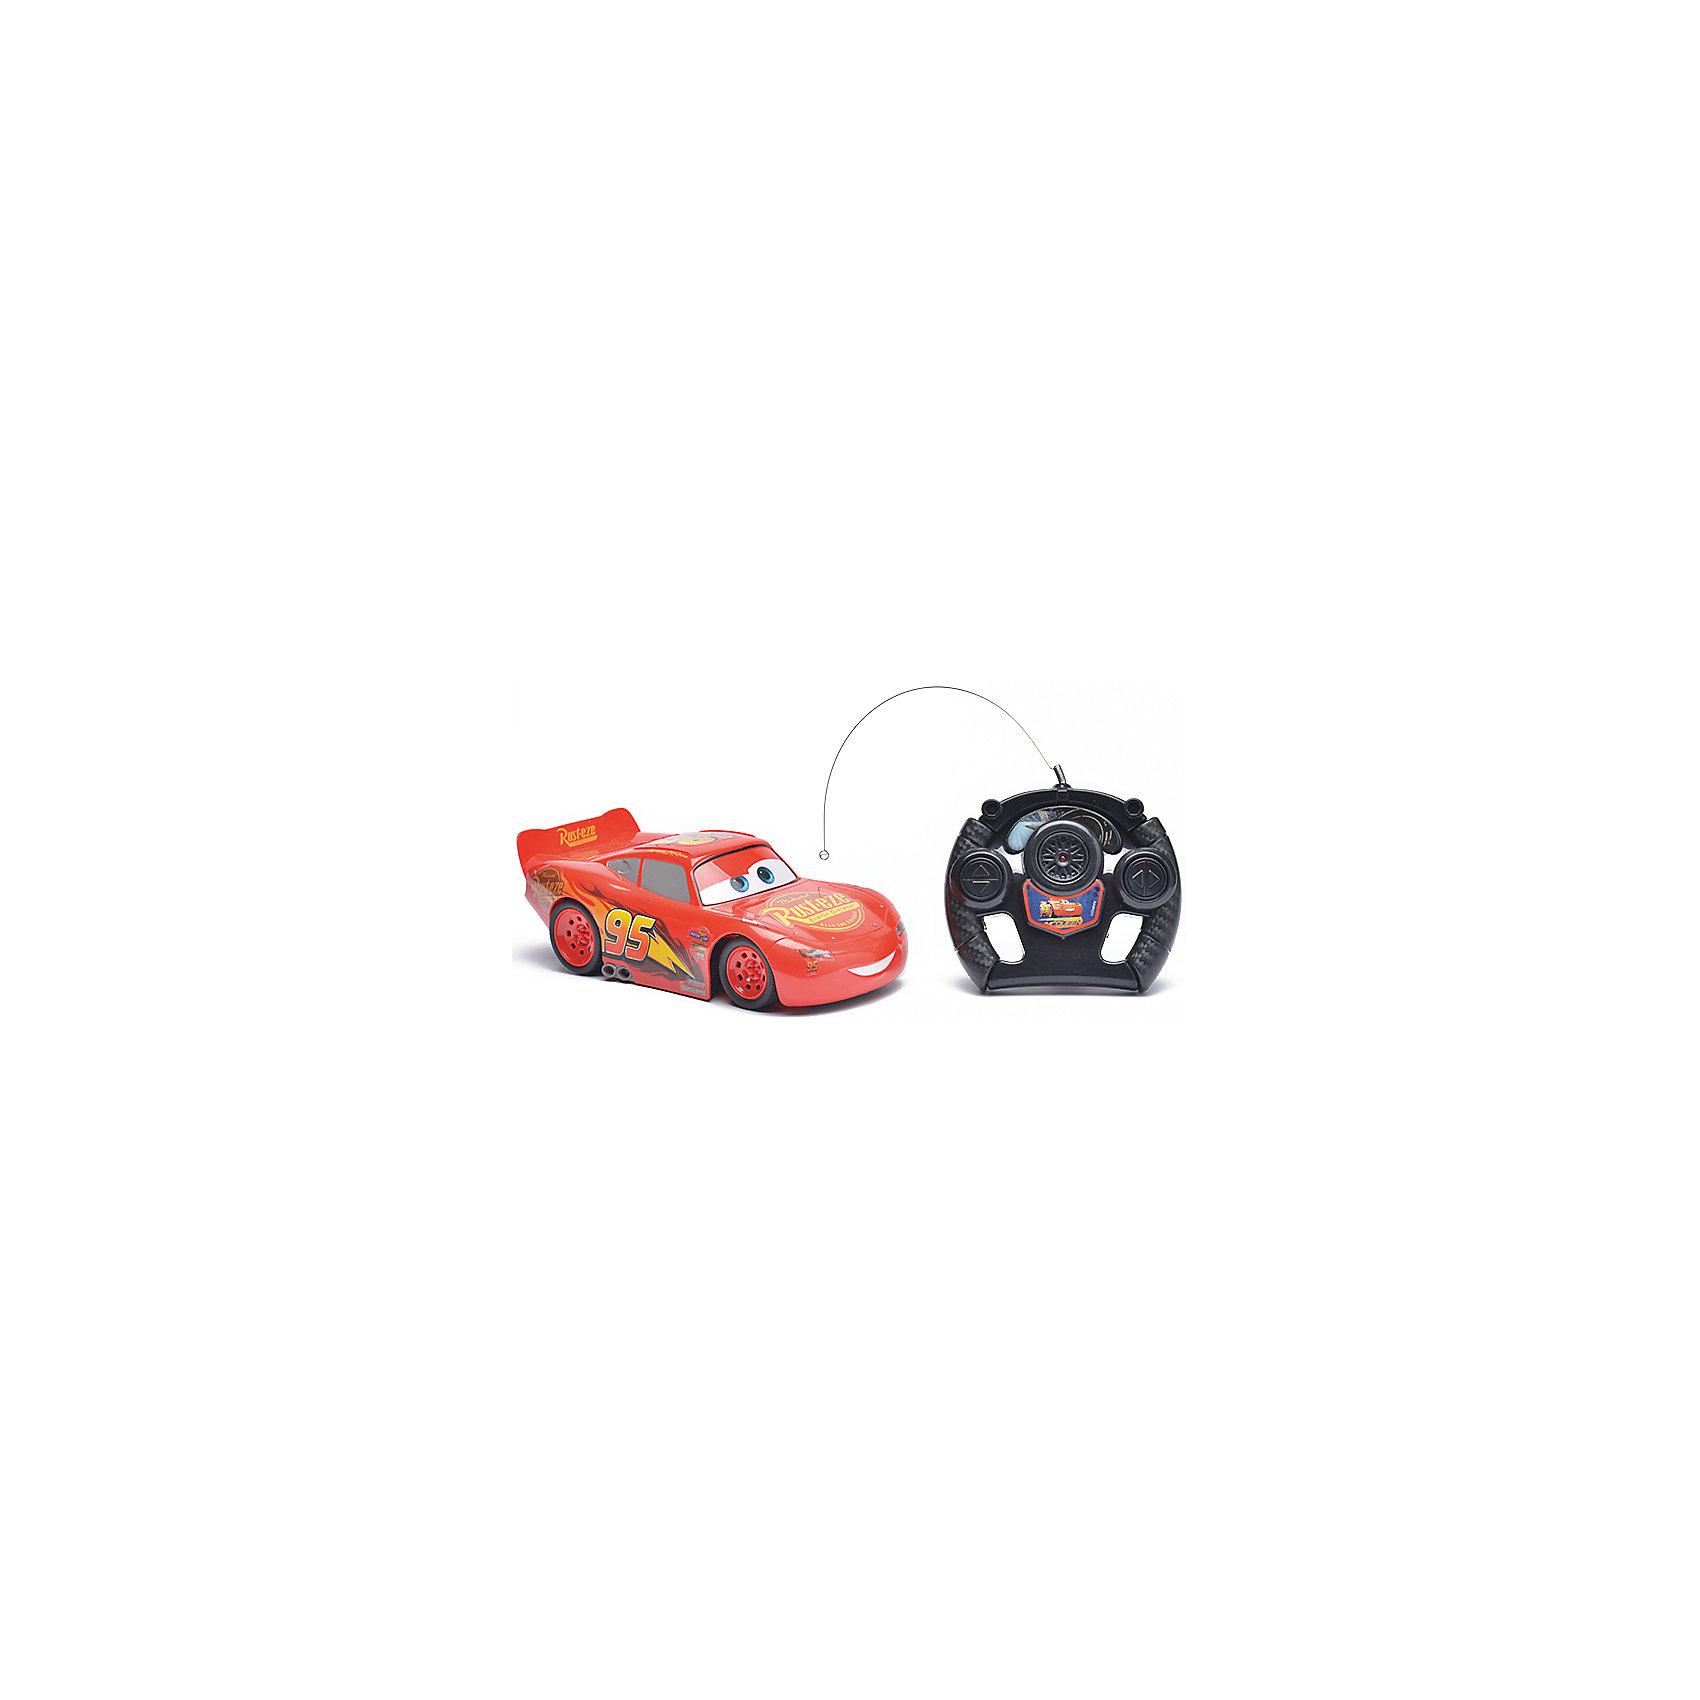 Радиоуправляемая машина Disney Молния Маккуин, 22 смРадиоуправляемый транспорт<br>Характеристики товара:<br><br>• размер игрушки: 22 см;<br>• управление: пульт ДУ;<br>• направление движения: вперед, назад, вправо, влево;<br>• в комплекте: автомобиль, пульт ДУ;<br>• цвет: красный/черный;<br>• батарейки: АА - 5 шт. (не входят в комплект);<br>• материал: пластик;<br>• размер упаковки: 15,5х13,5х36 см;<br>• вес: 523 грамма;<br>• возраст: от 3 лет.<br><br>Радиоуправляемая машина Молния Маккуин - прекрасный подарок для любителей мультфильма «Тачки». Маккуин управляется пультом дистанционного управления и ездит в четырех направлениях: вперед, назад, вправо и влево. <br><br>Пульт выполнен в виде руля, поэтому ребенок сможет представить себя гонщиком, сидящим за рулем гоночного автомобиля. Игрушка изготовлена из прочного пластика, безопасного для детей. Для работы необходимы 5 батареек АА (не входят в комплект).<br><br>Радиоуправляемую машину Disney Молния Маккуин, 22 см можно купить в нашем интернет-магазине.<br><br>Ширина мм: 360<br>Глубина мм: 135<br>Высота мм: 155<br>Вес г: 523<br>Возраст от месяцев: 36<br>Возраст до месяцев: 72<br>Пол: Мужской<br>Возраст: Детский<br>SKU: 6982803